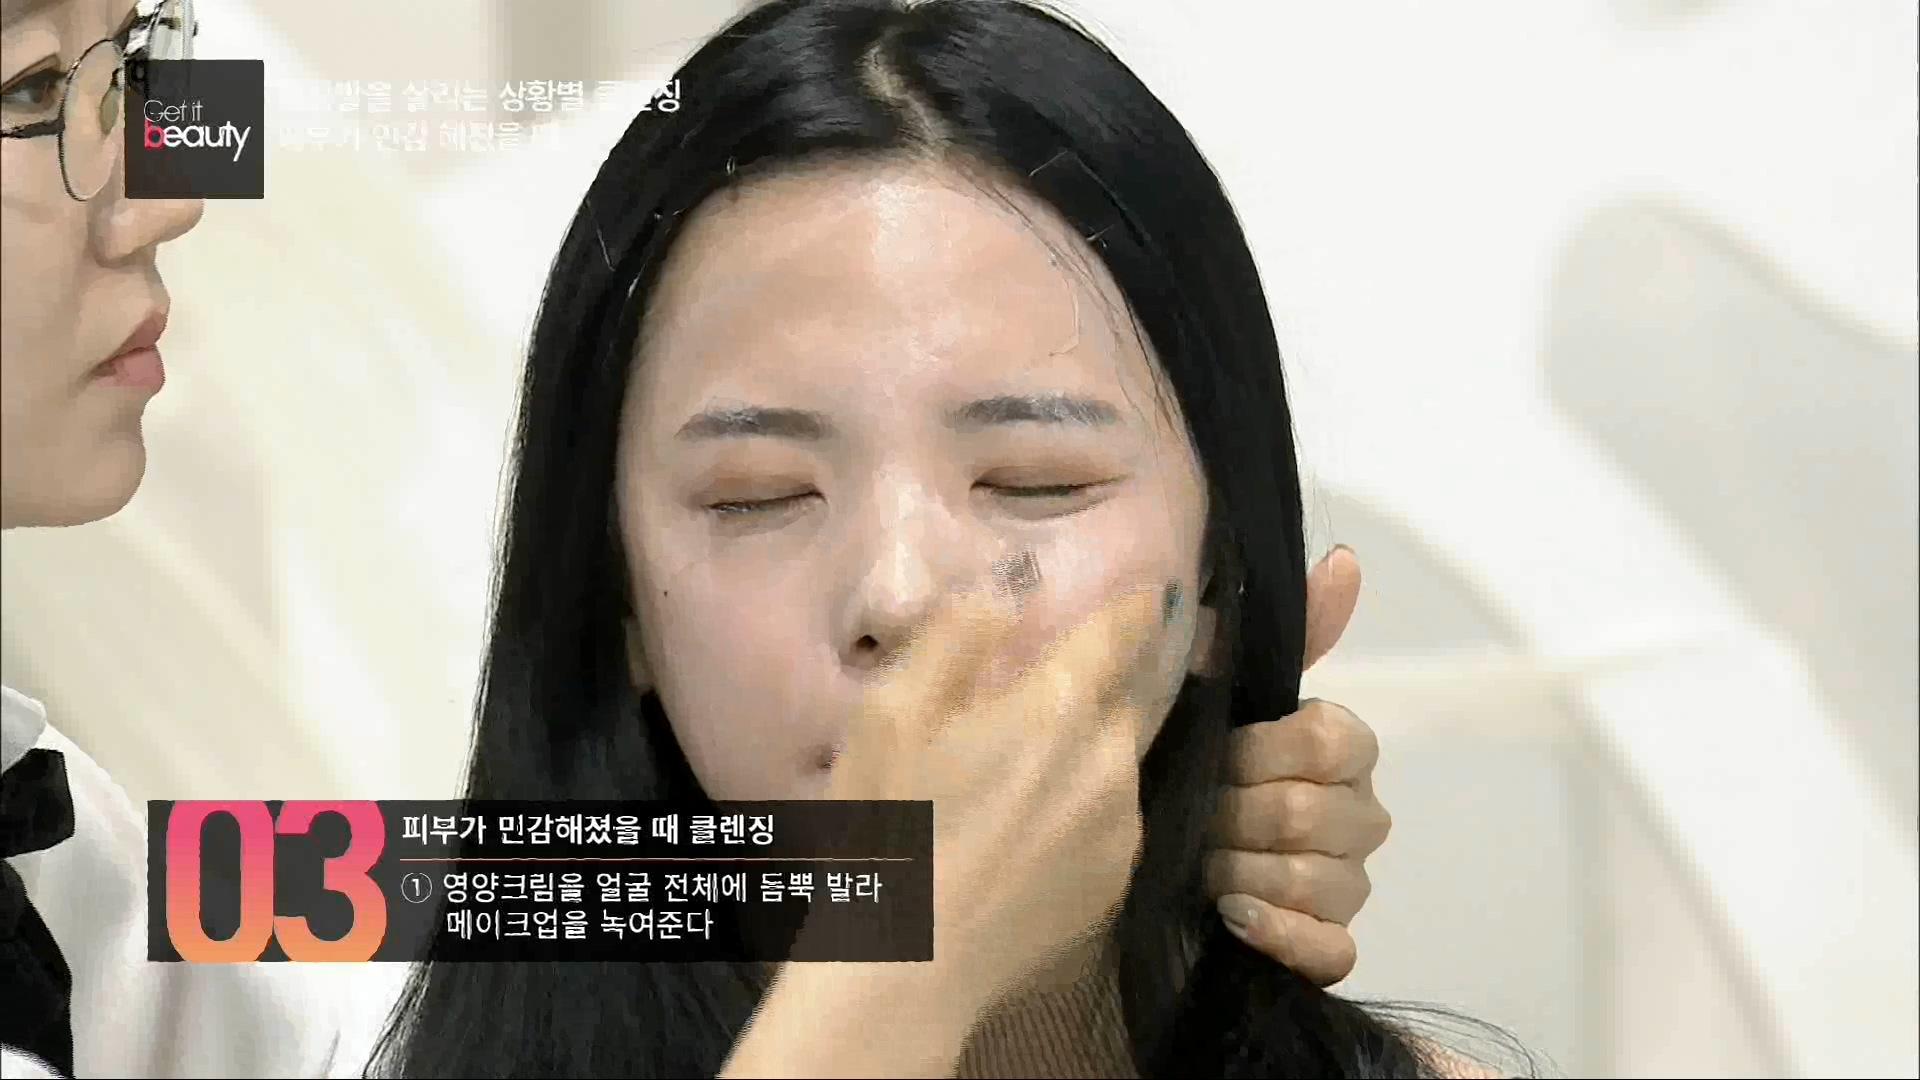 피부가 민감해졌을 때 클렌징 01.영양크림을 얼굴 전체에 듬뿍 발라 메이크업을 녹여준다